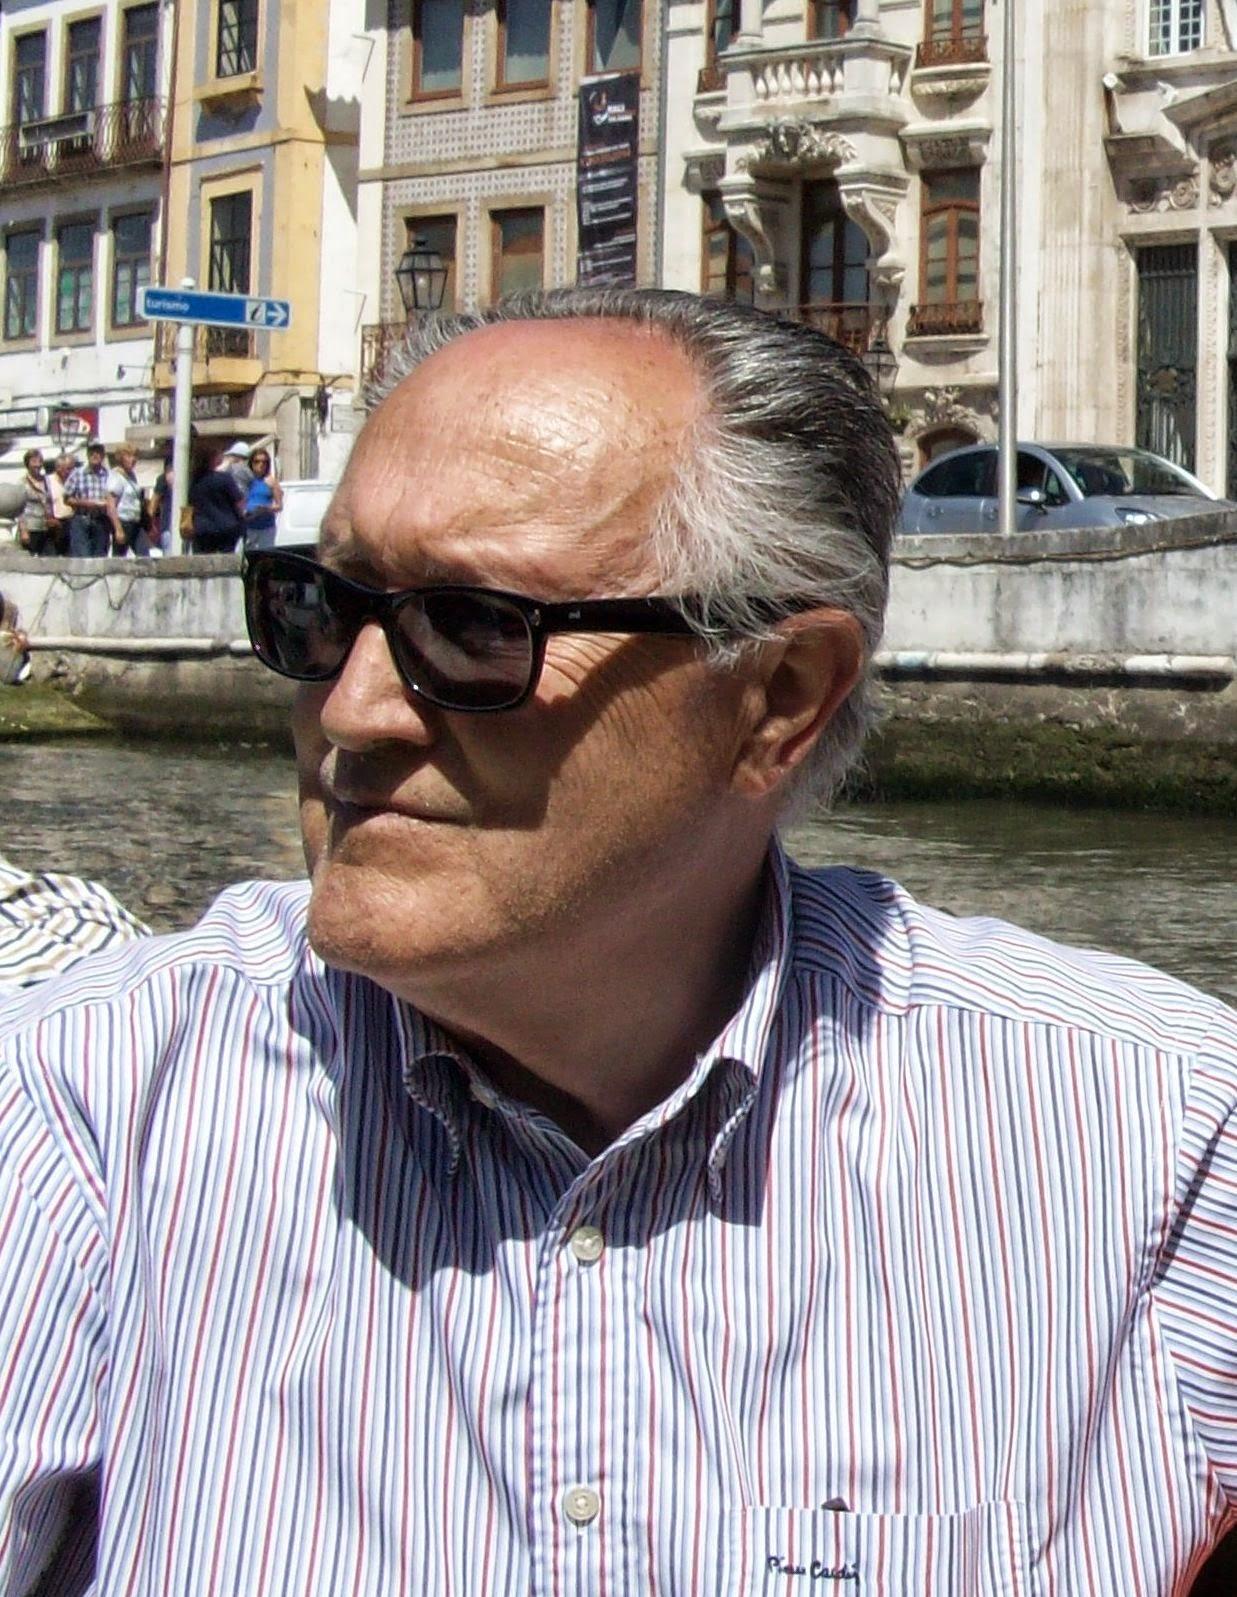 Juan Garodri